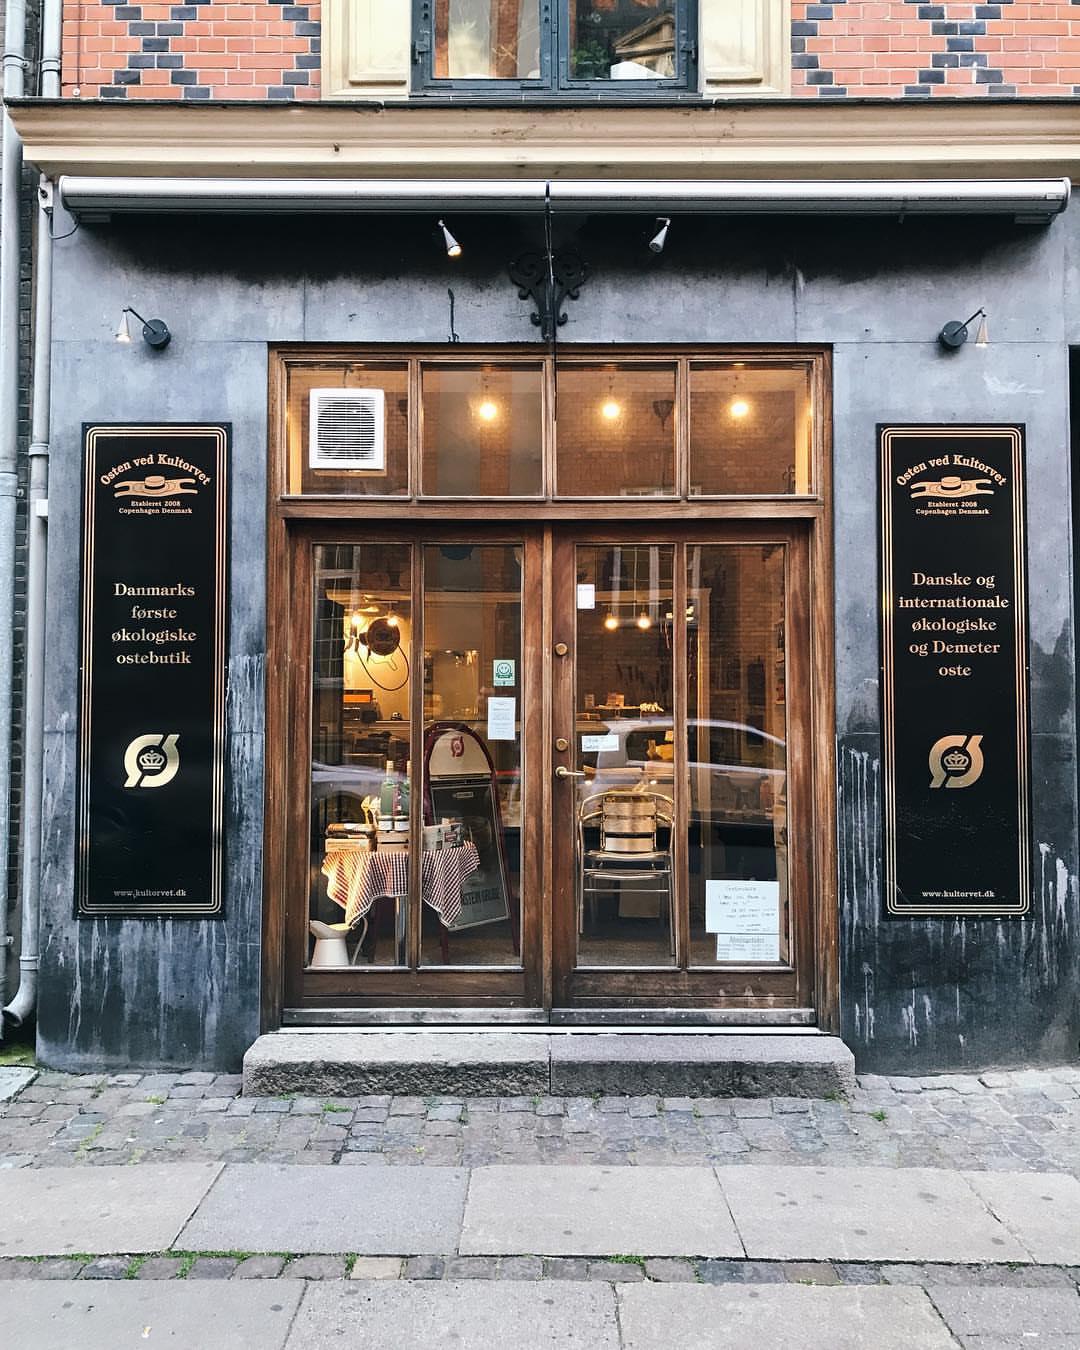 Butikken - Osten ved Kultorvet står for økologi, en oplevelse og god ost som det nu engang skal smage.